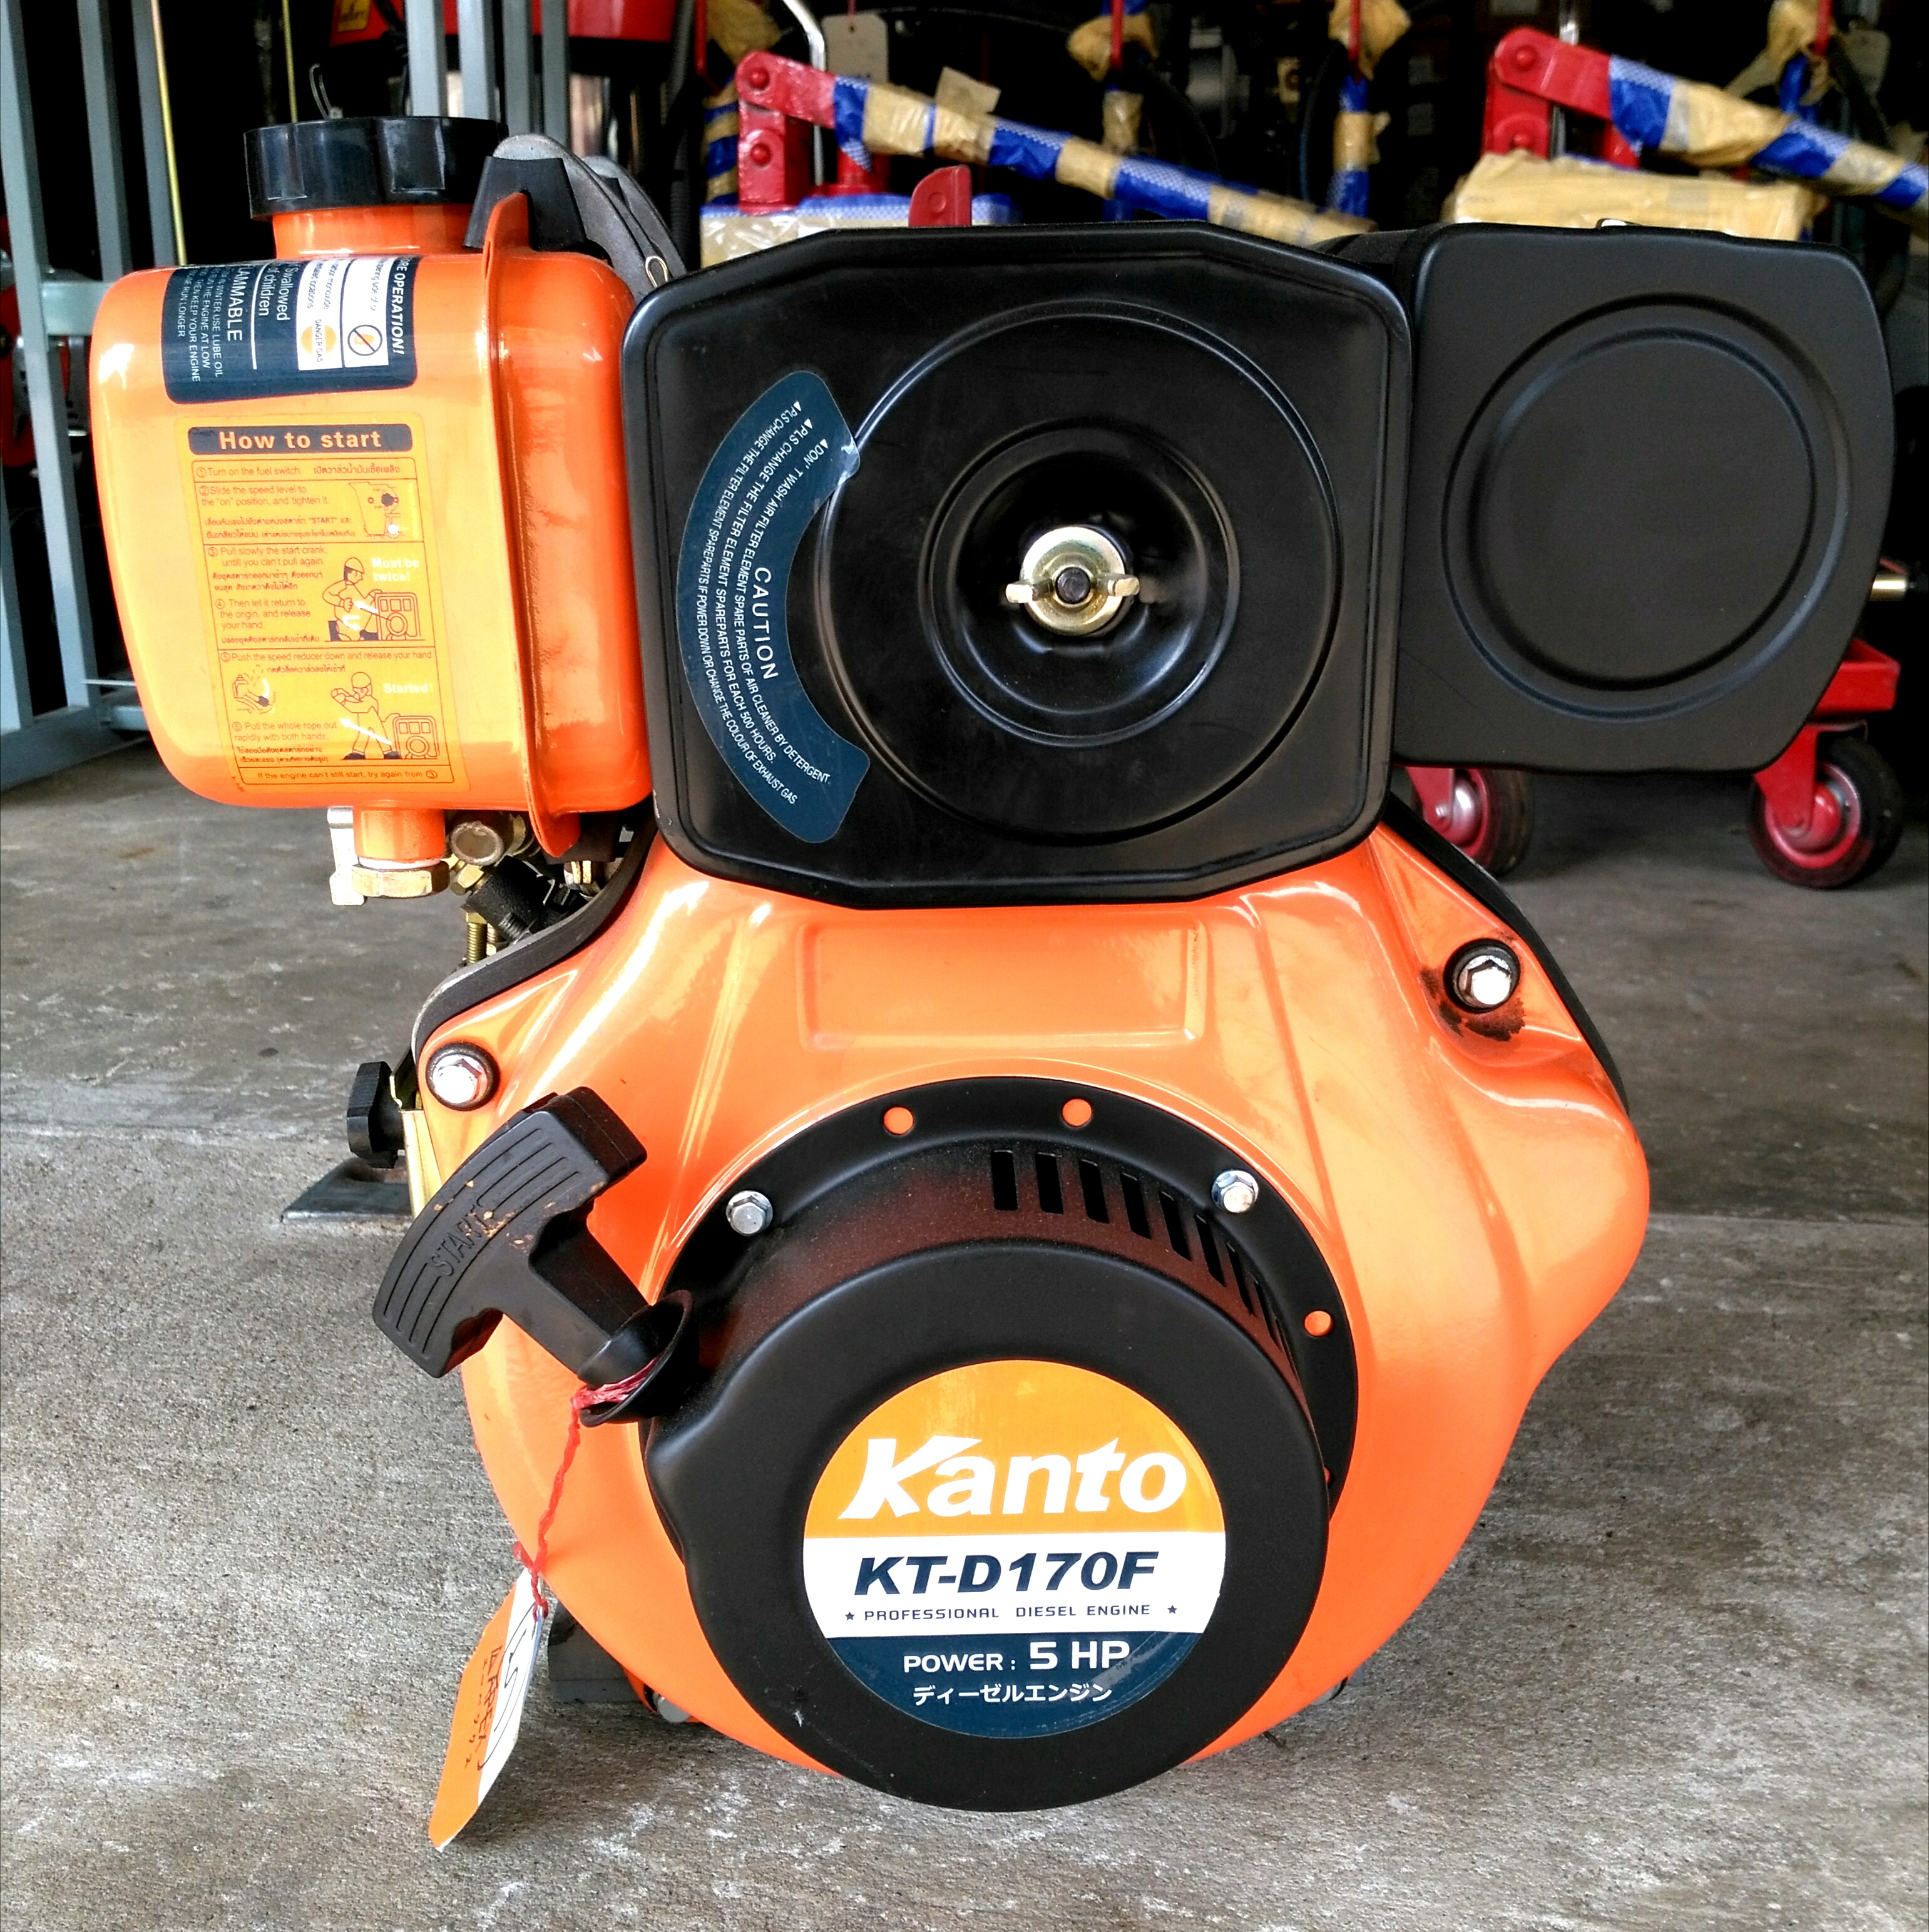 เครื่องยนต์ดีเซล 5 HP KANTO รุ่น KT-D170F